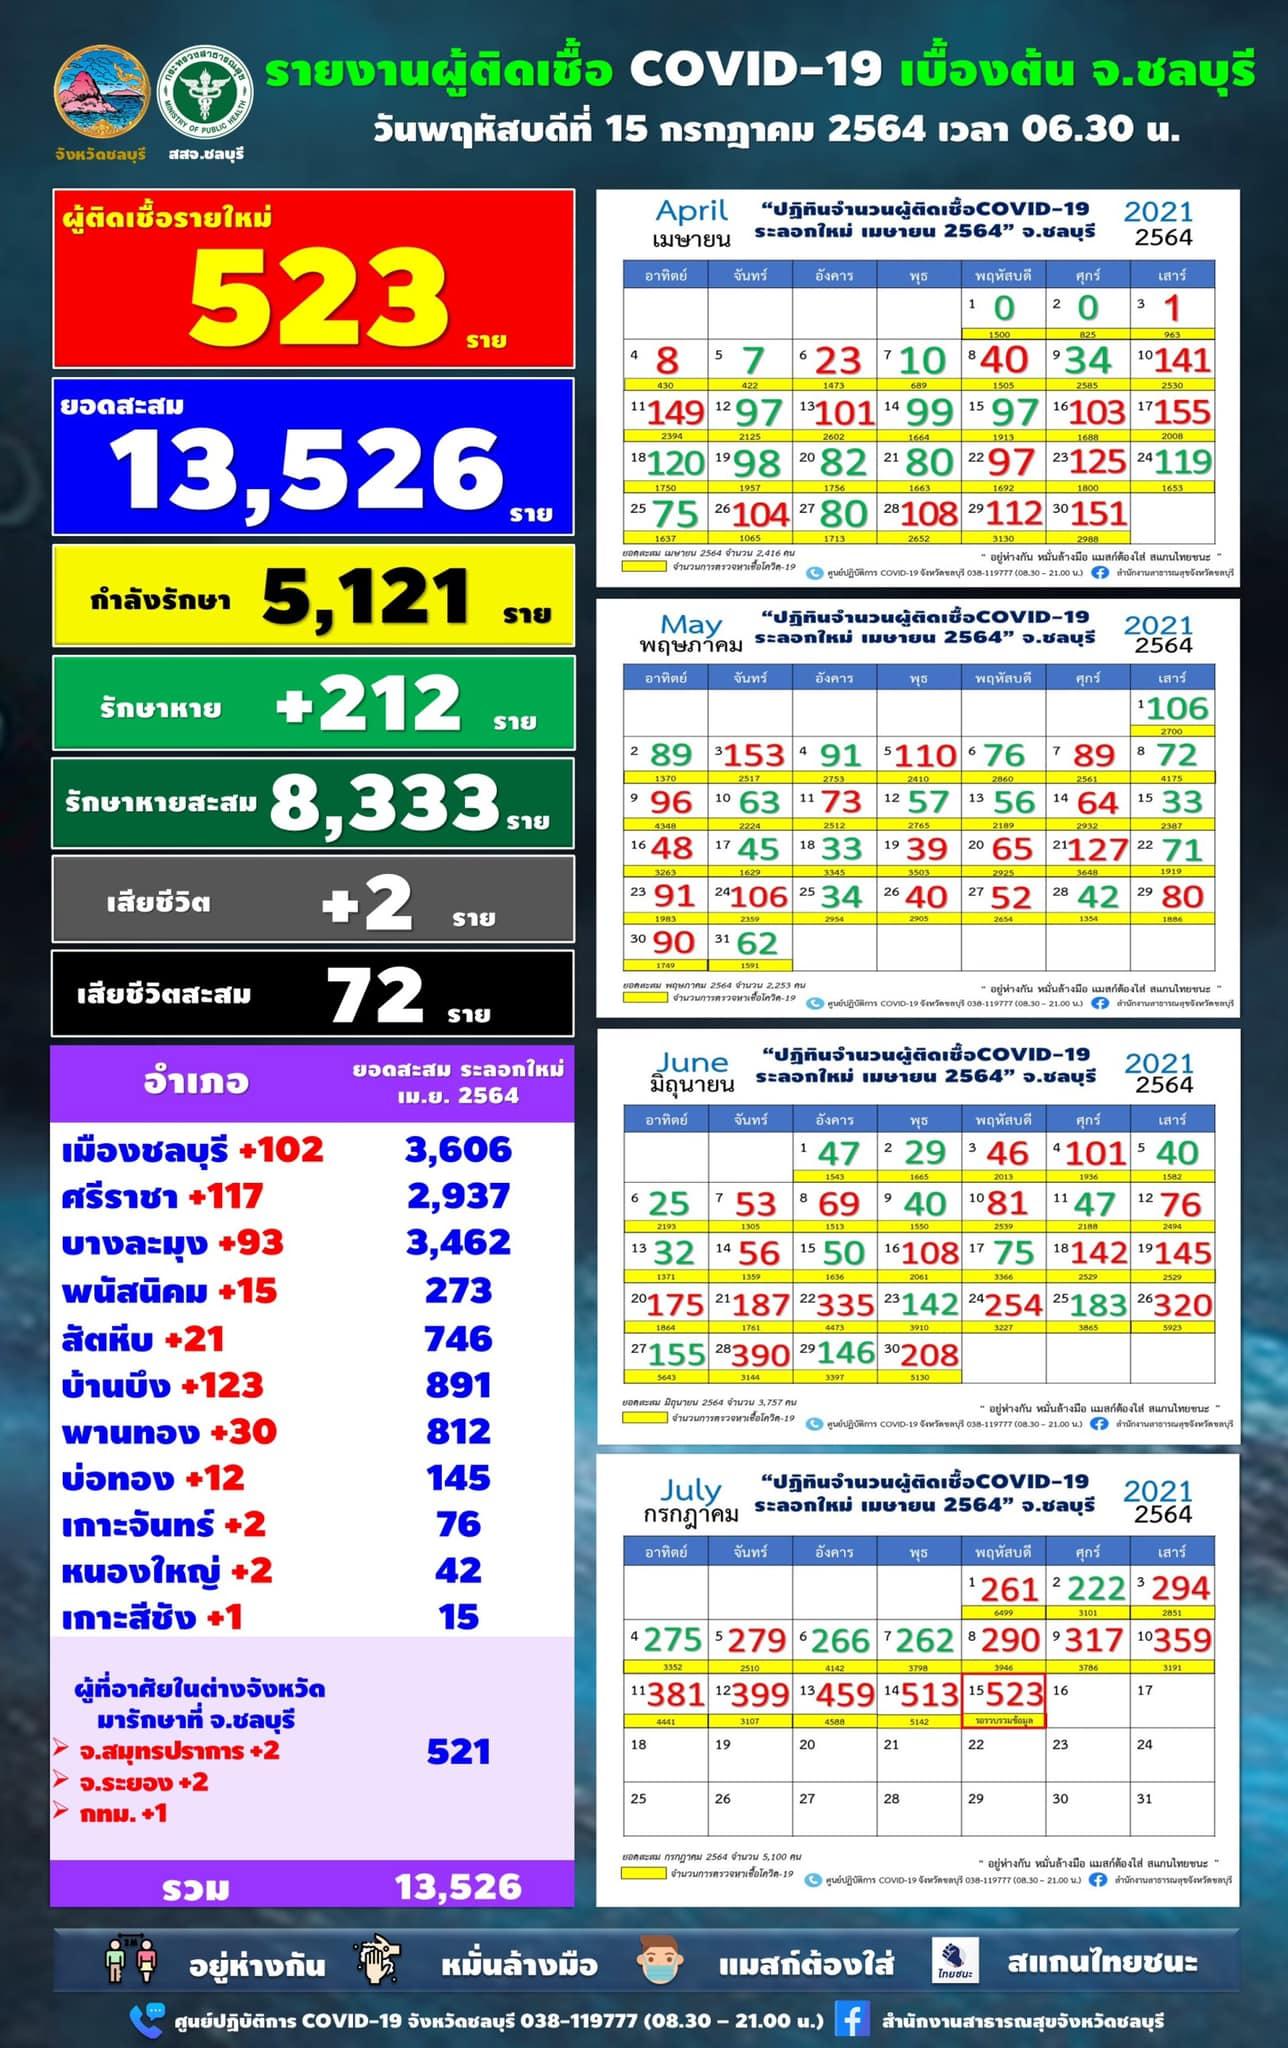 また最多、チョンブリ県の陽性523人/バーンブン123人/シラチャ117人[2021年7月15日]